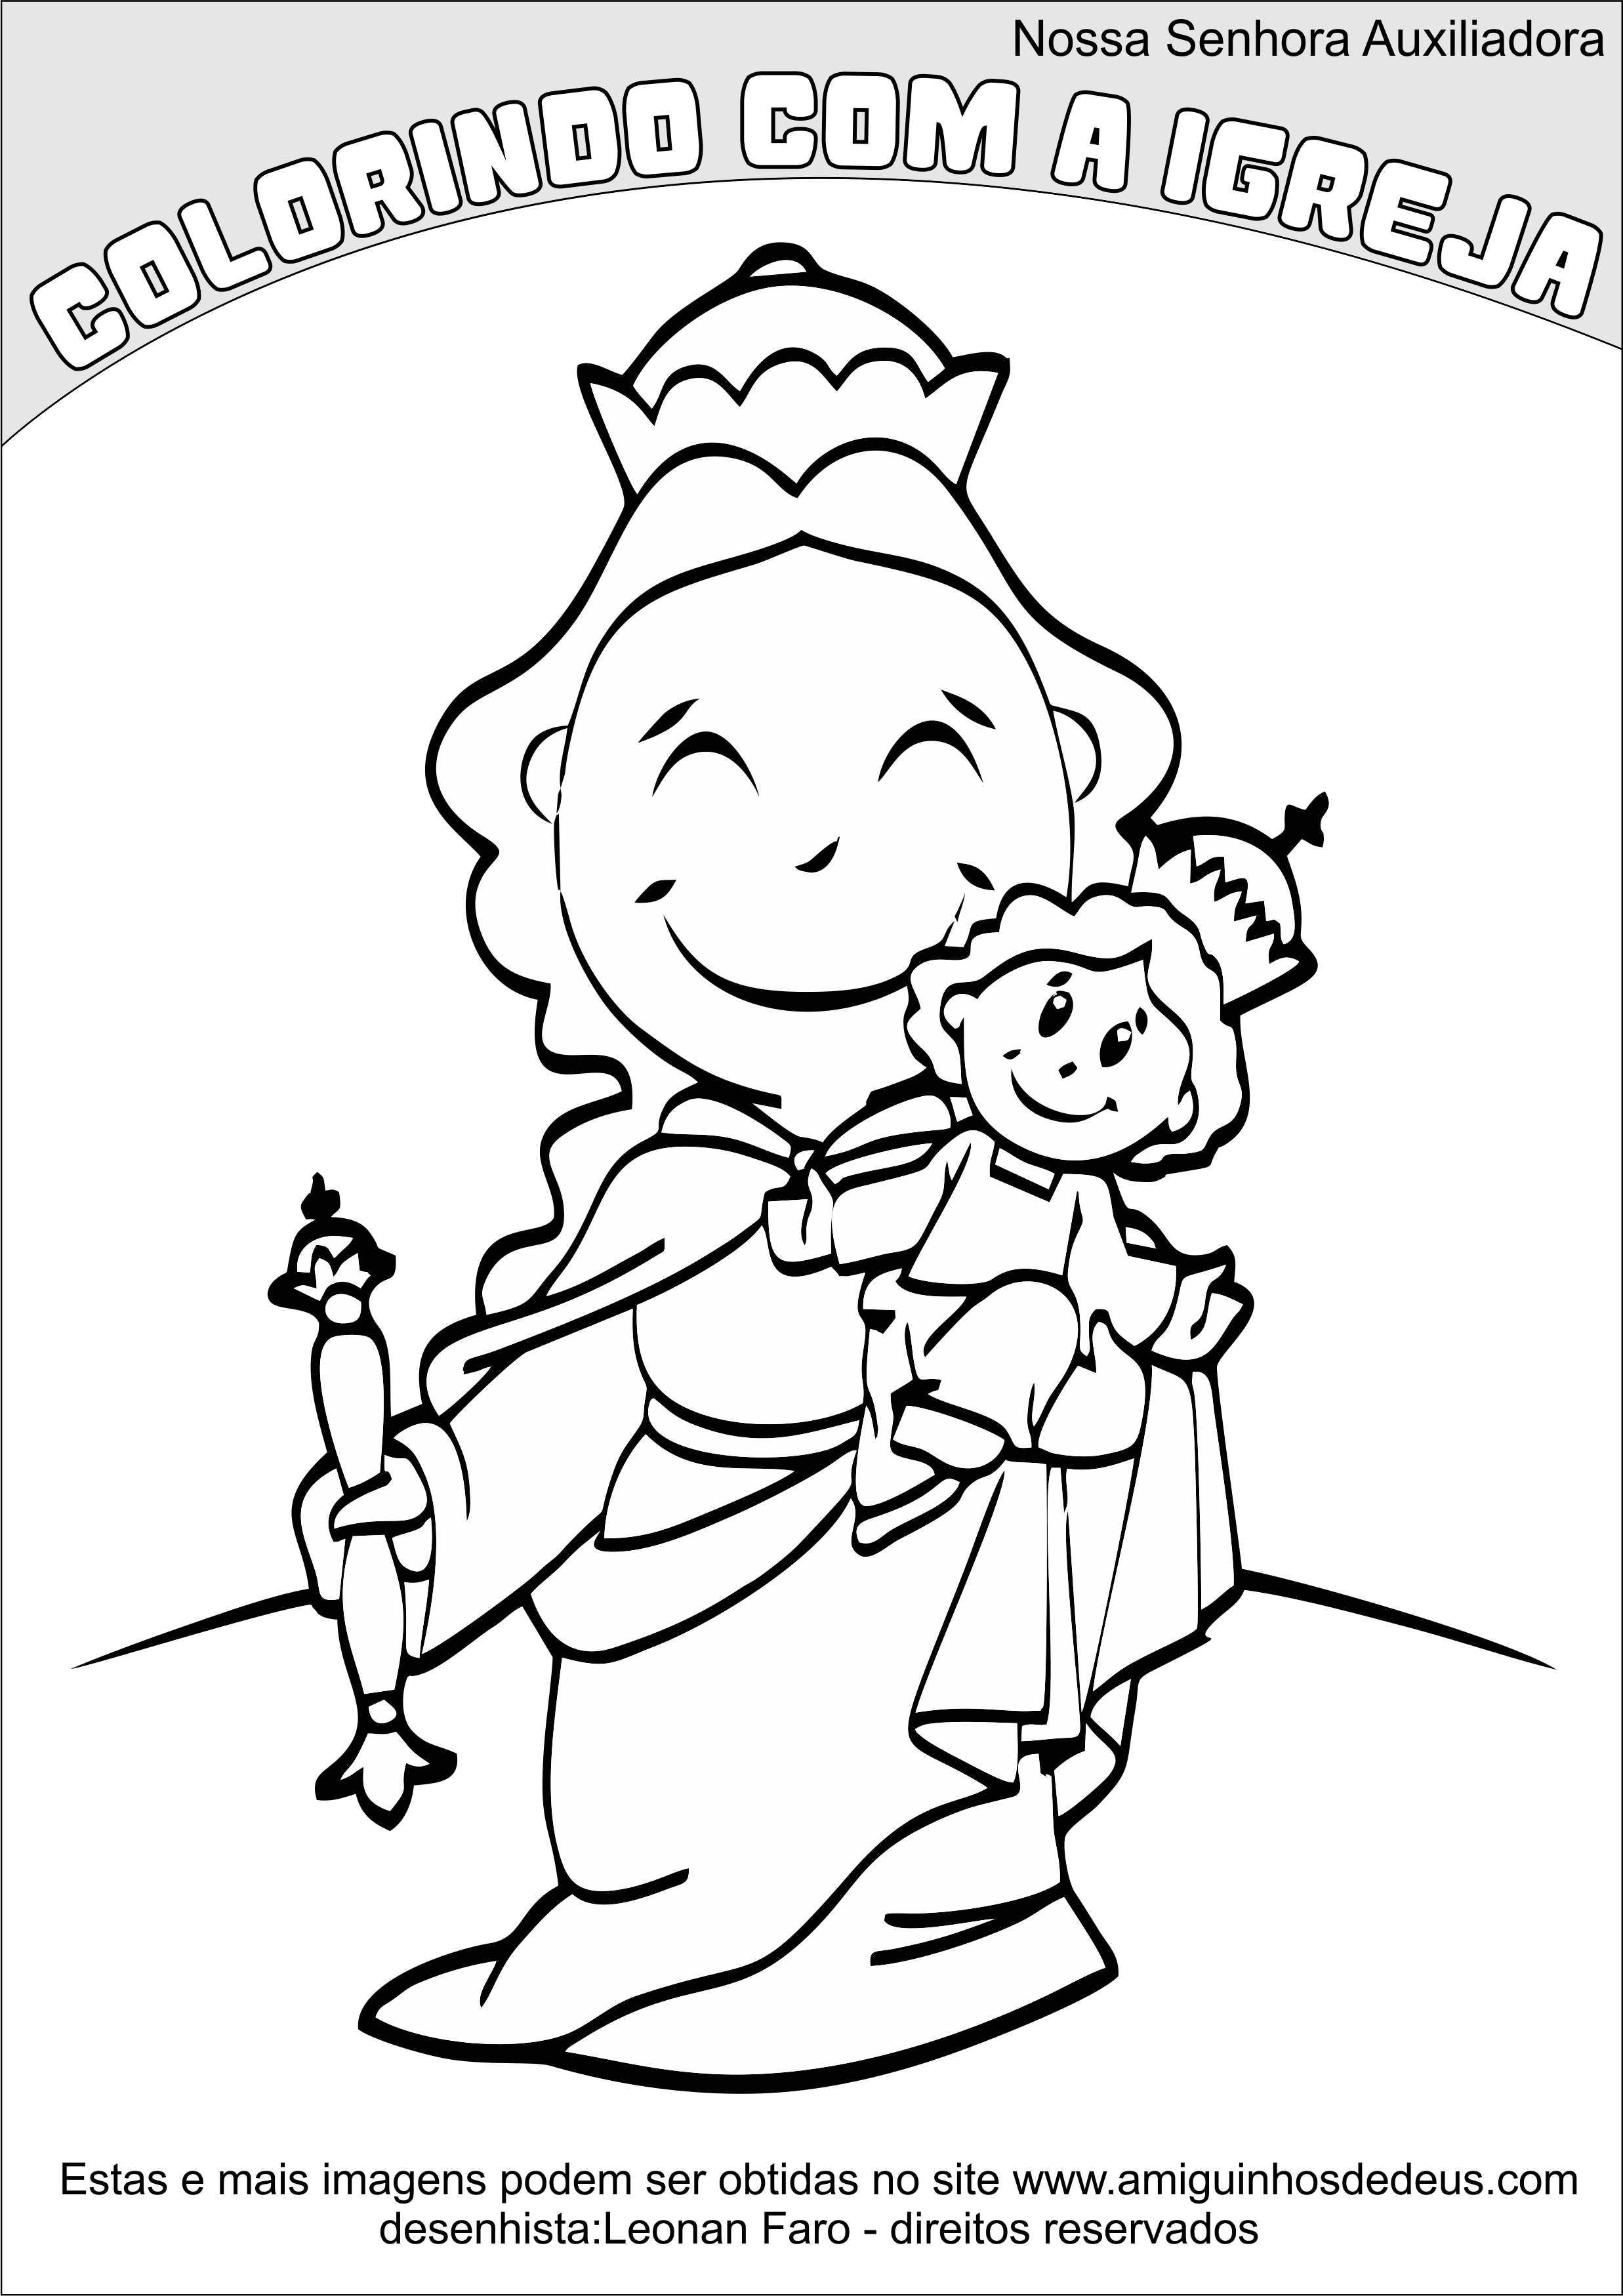 Nossa Senhora Auxiliadora desenho